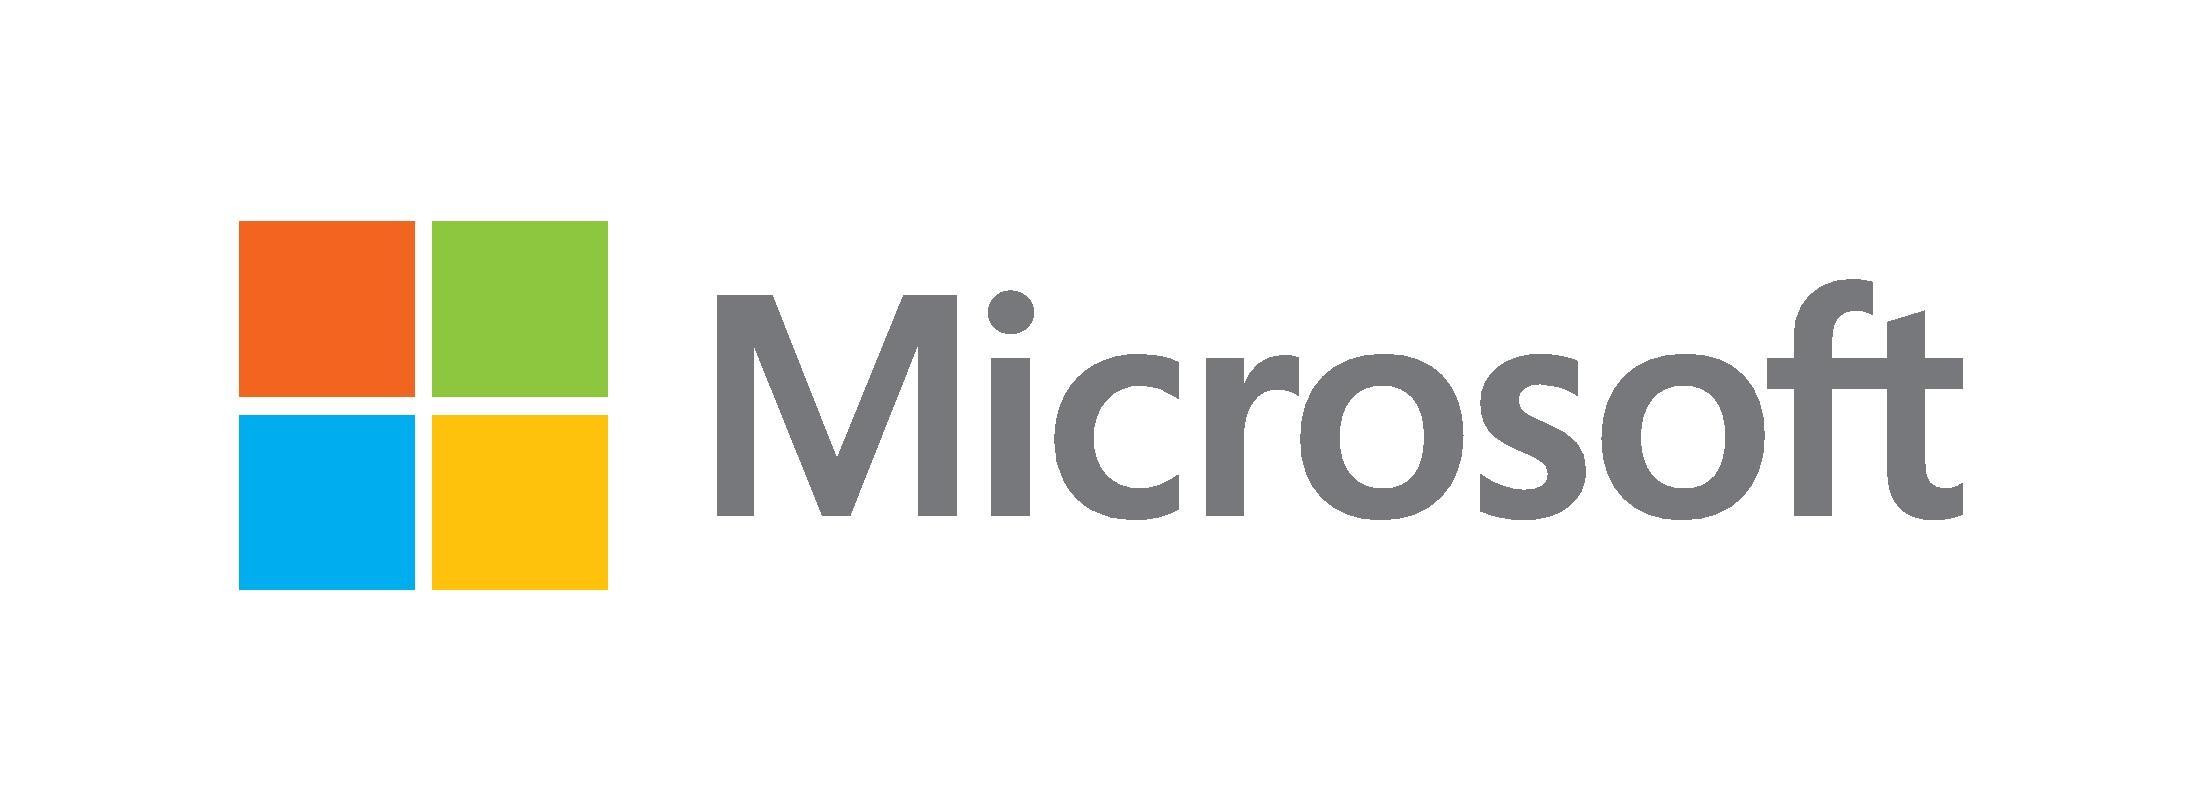 Satya Nadella szefem Microsoftu?